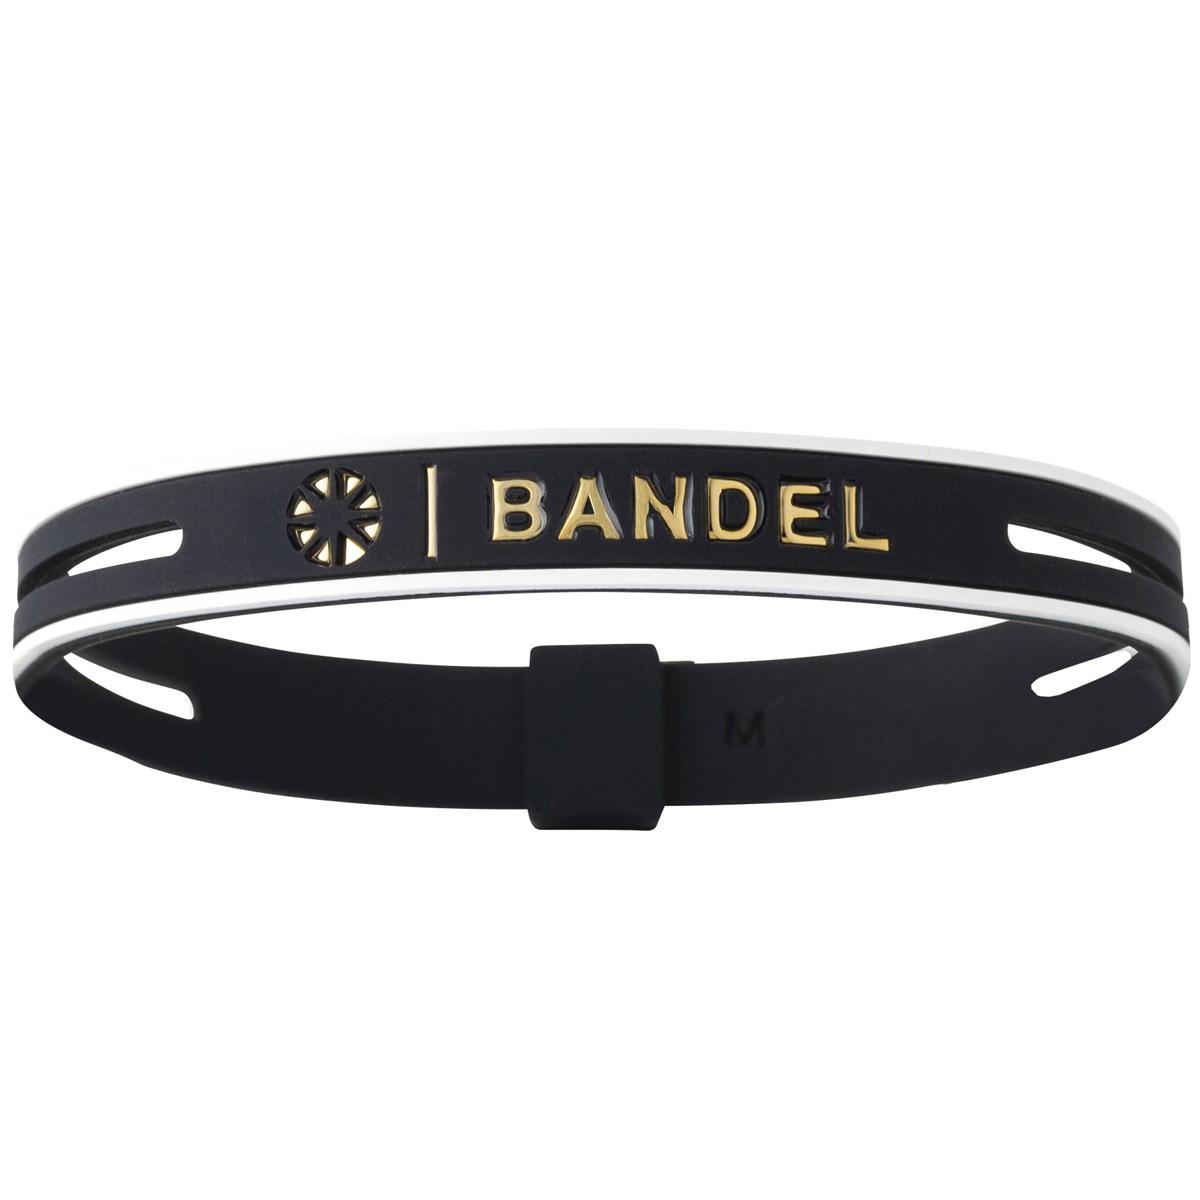 バンデル bandel ストリング メタリック ブレスレット M ブラック/ゴールド